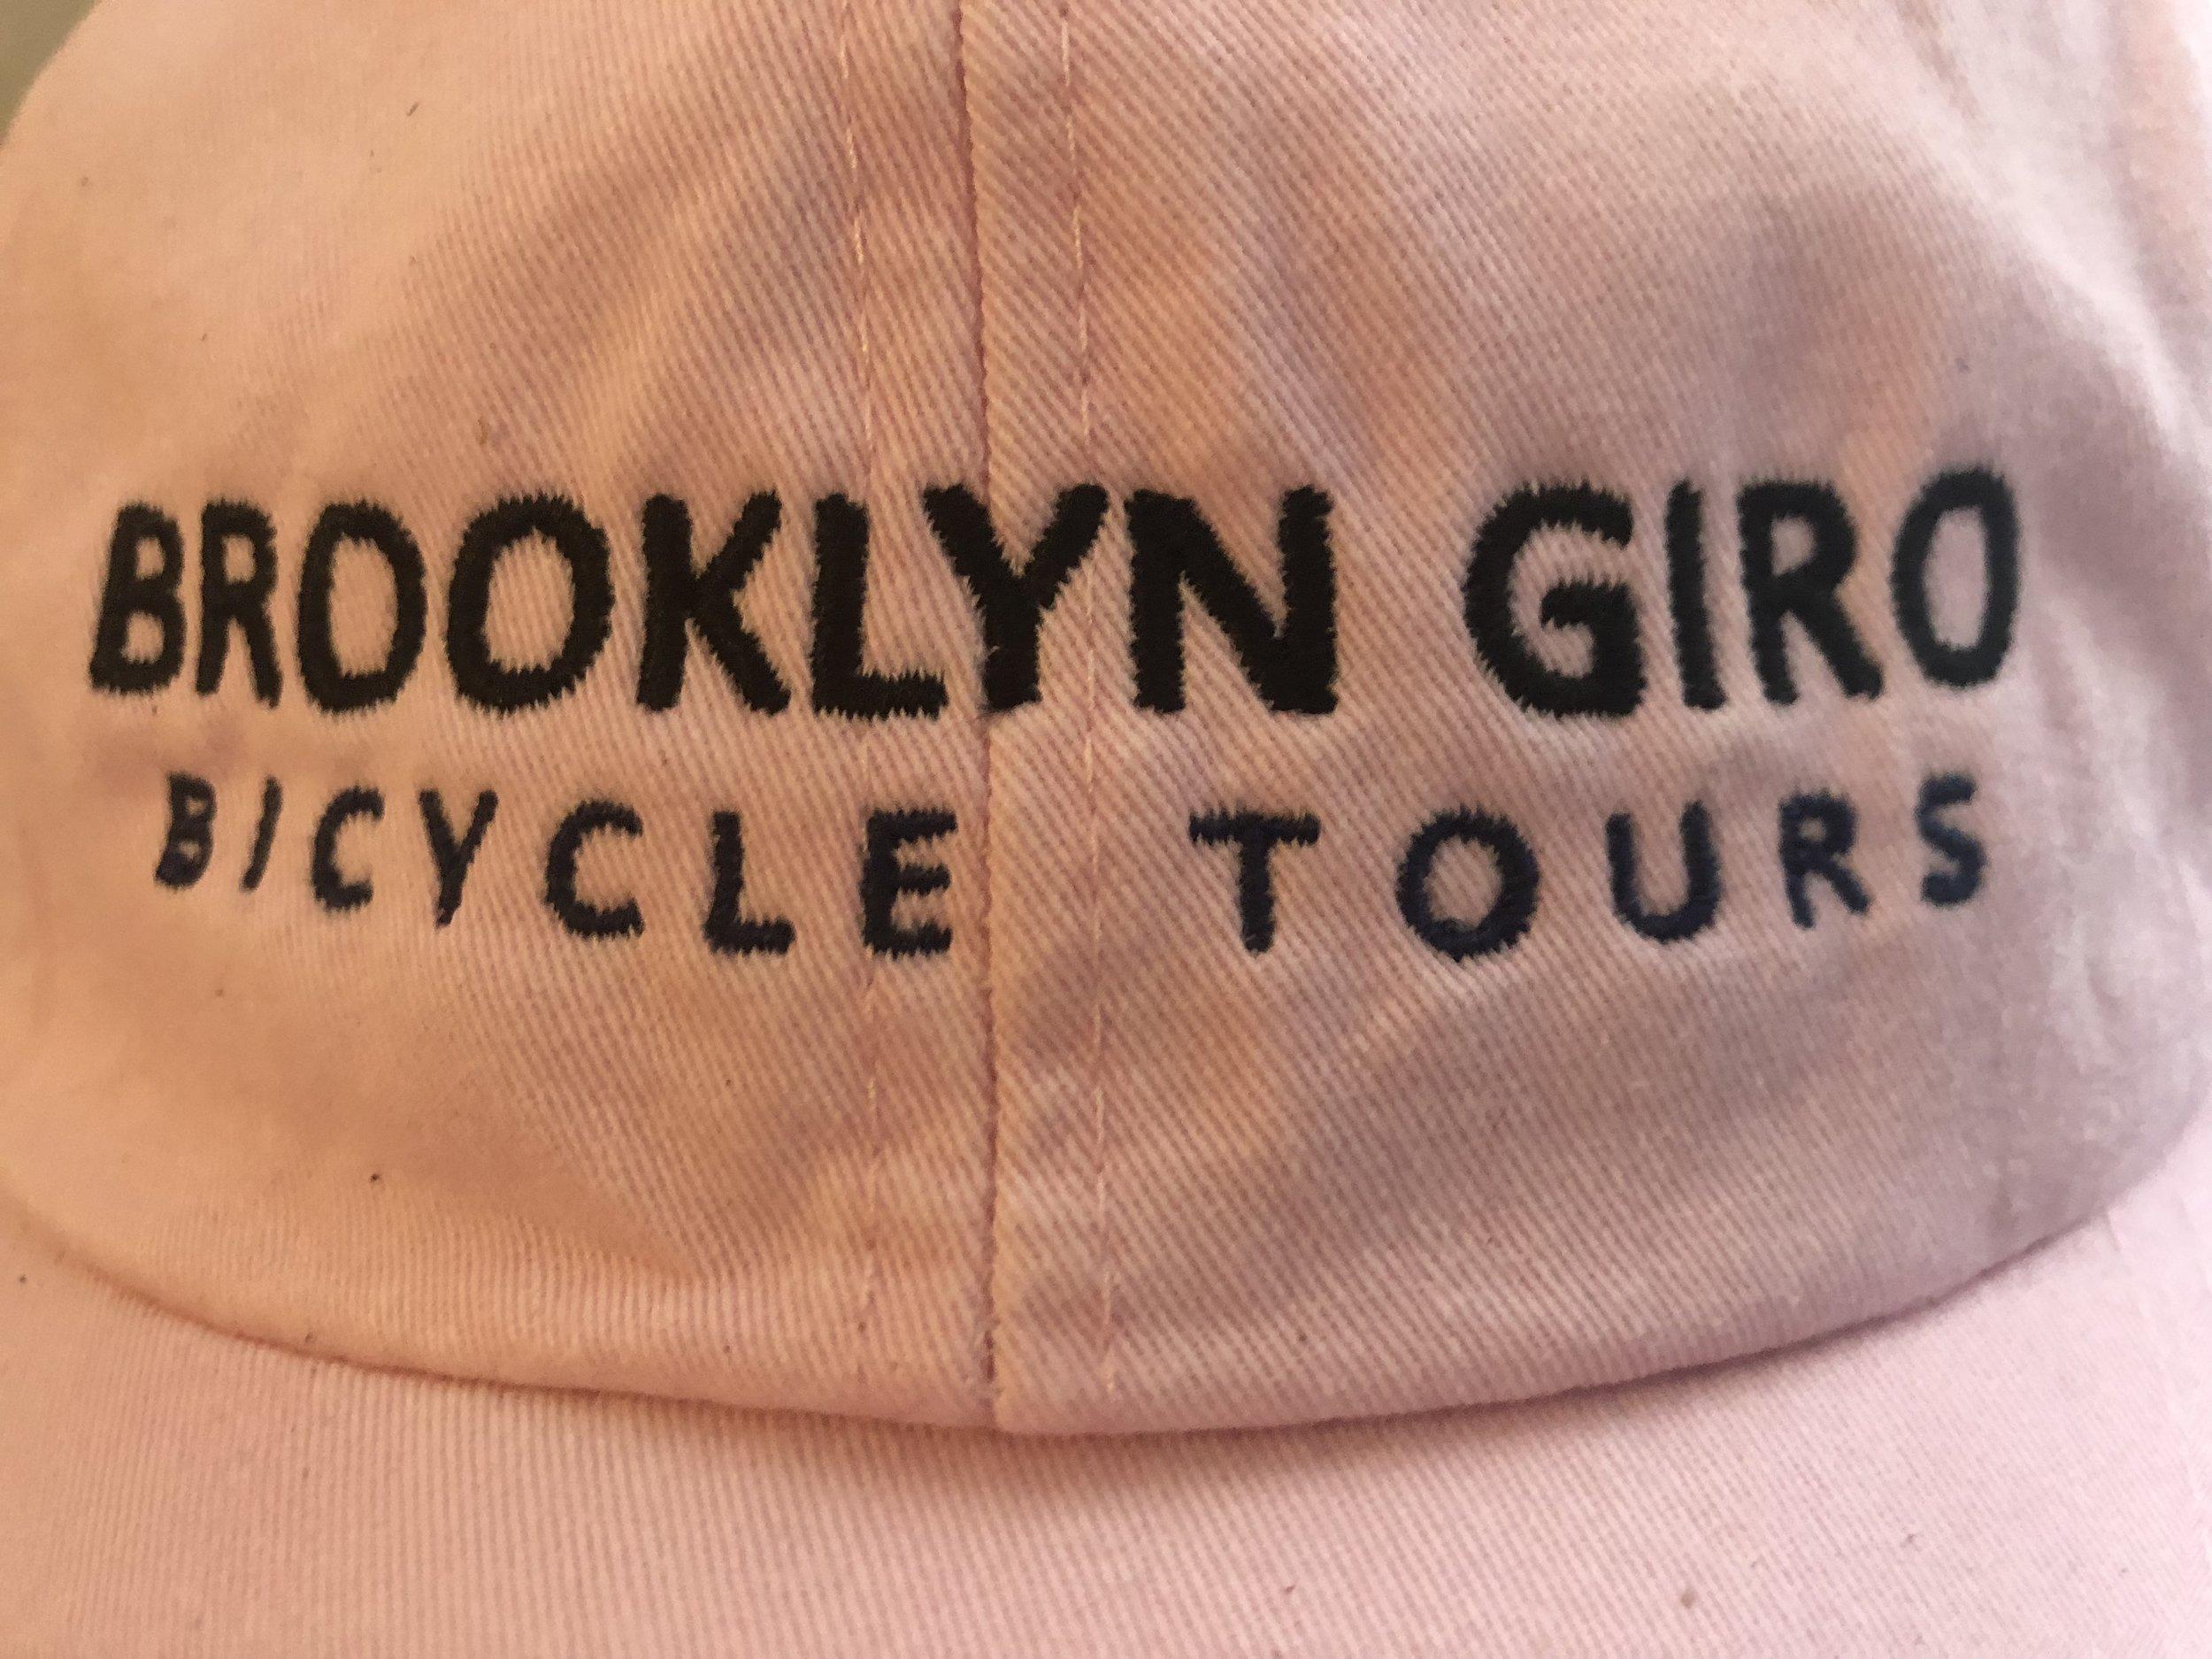 FRONT - BROOKLYN GIRO BASEBALL CAP$25